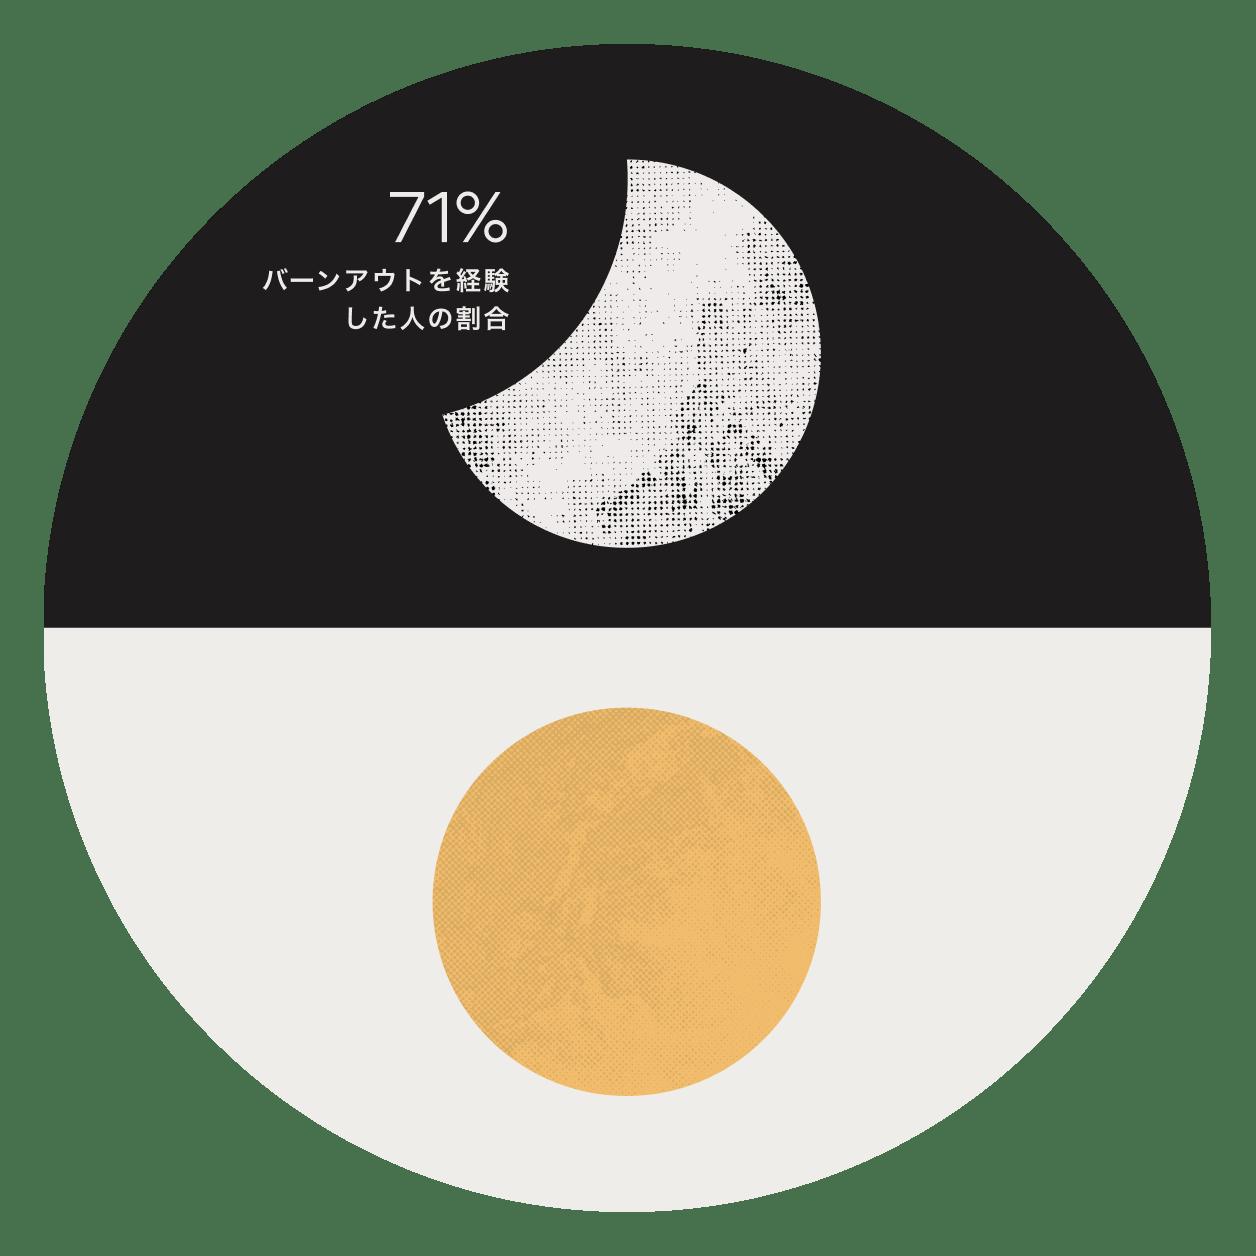 「仕事の解剖学 2021」- 勢いづくワークマネジメント